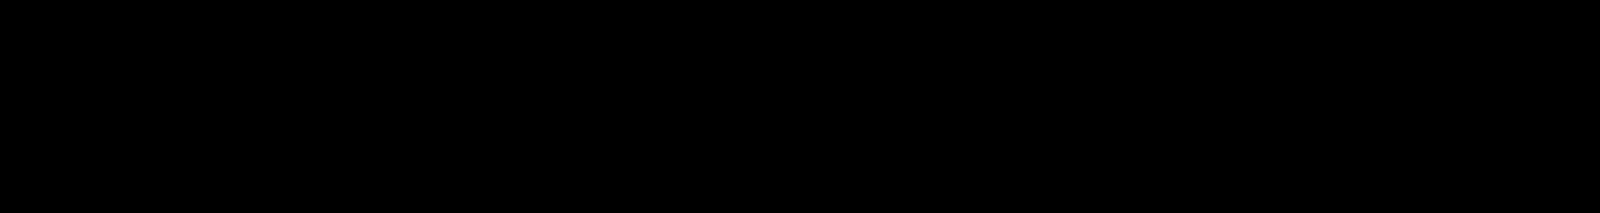 Iridescent Auras